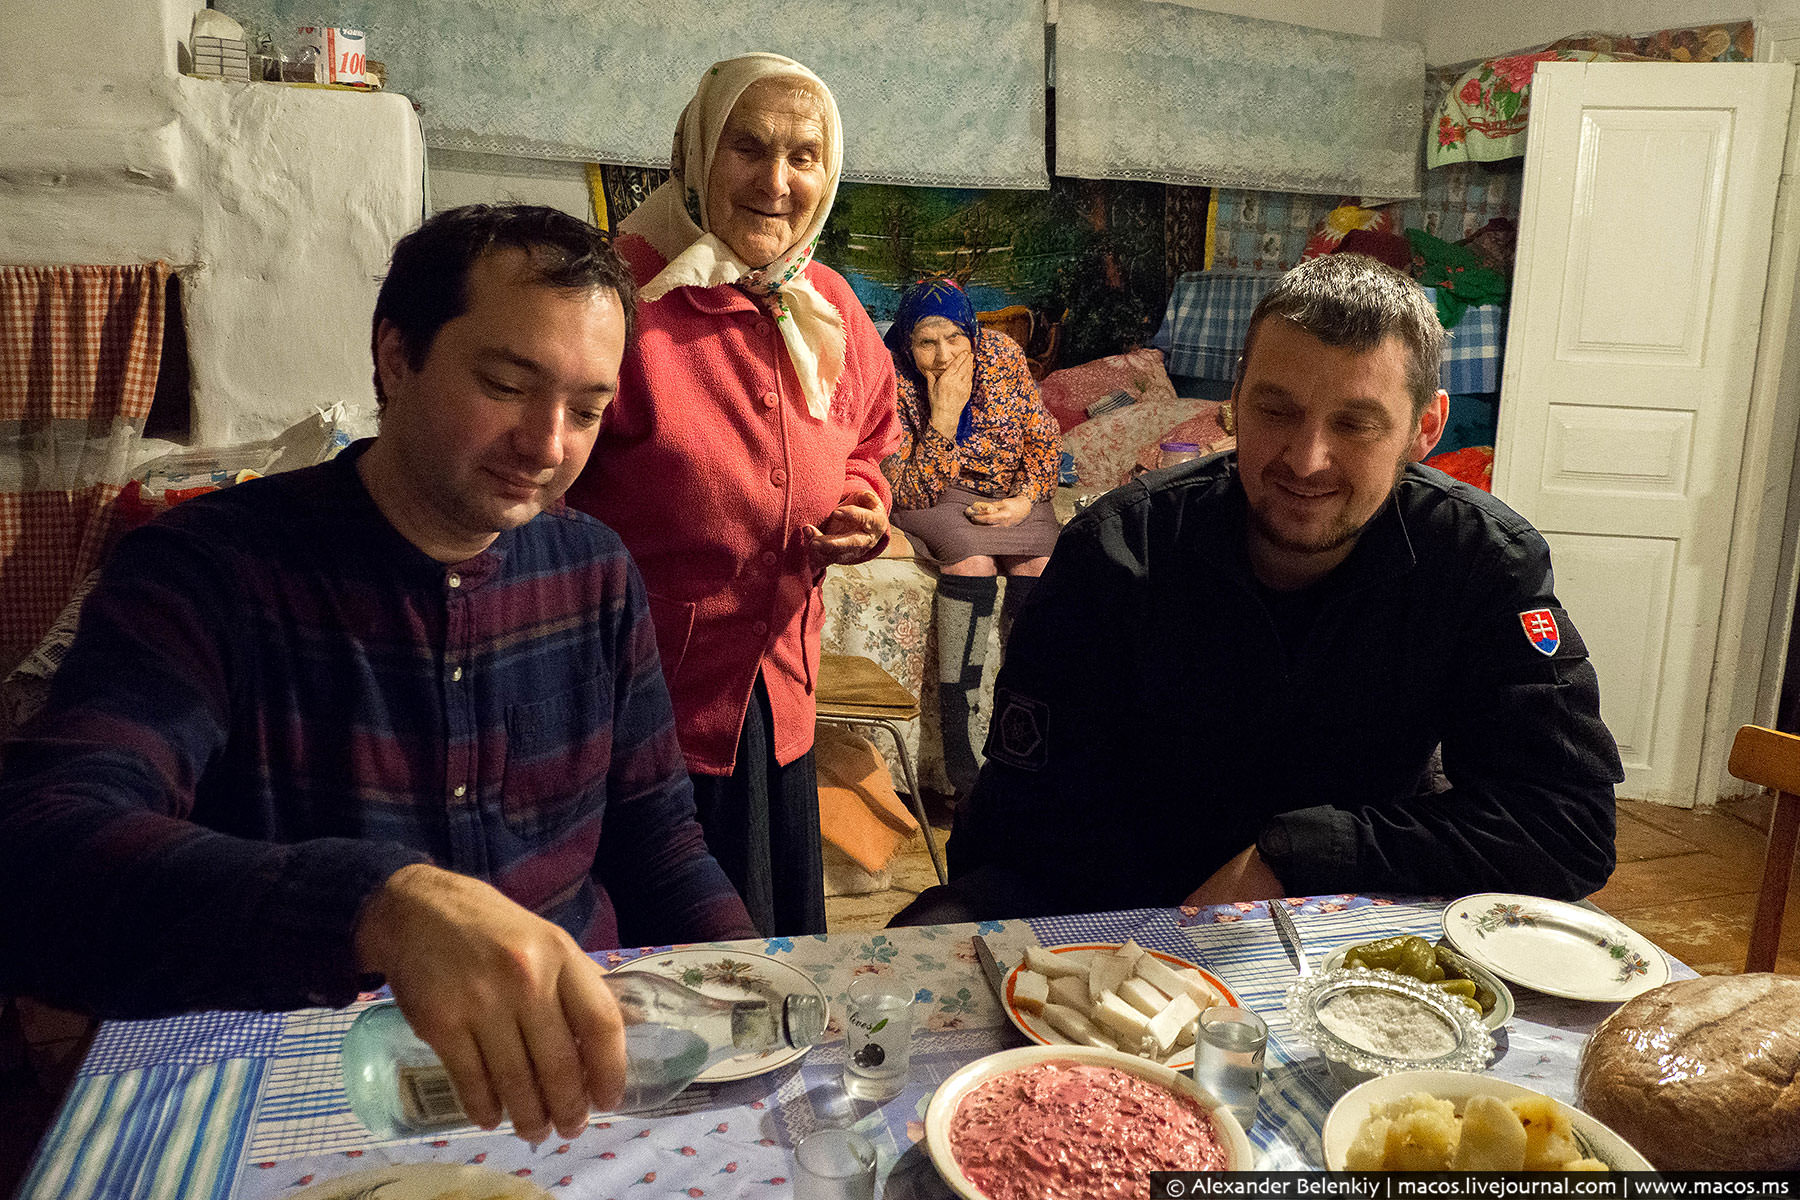 Украина-2018. Как живут в Зоне. По ту сторону нашей реальности